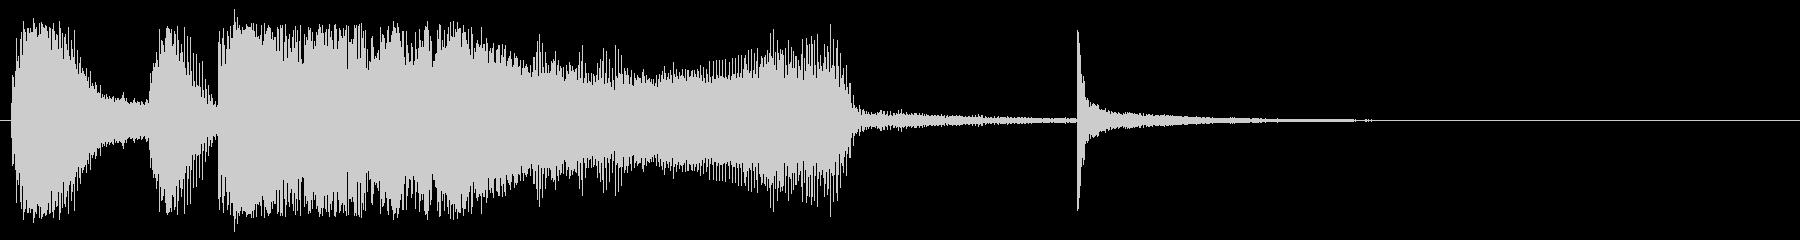 大失敗のファンファーレ 小さなタライの音の未再生の波形